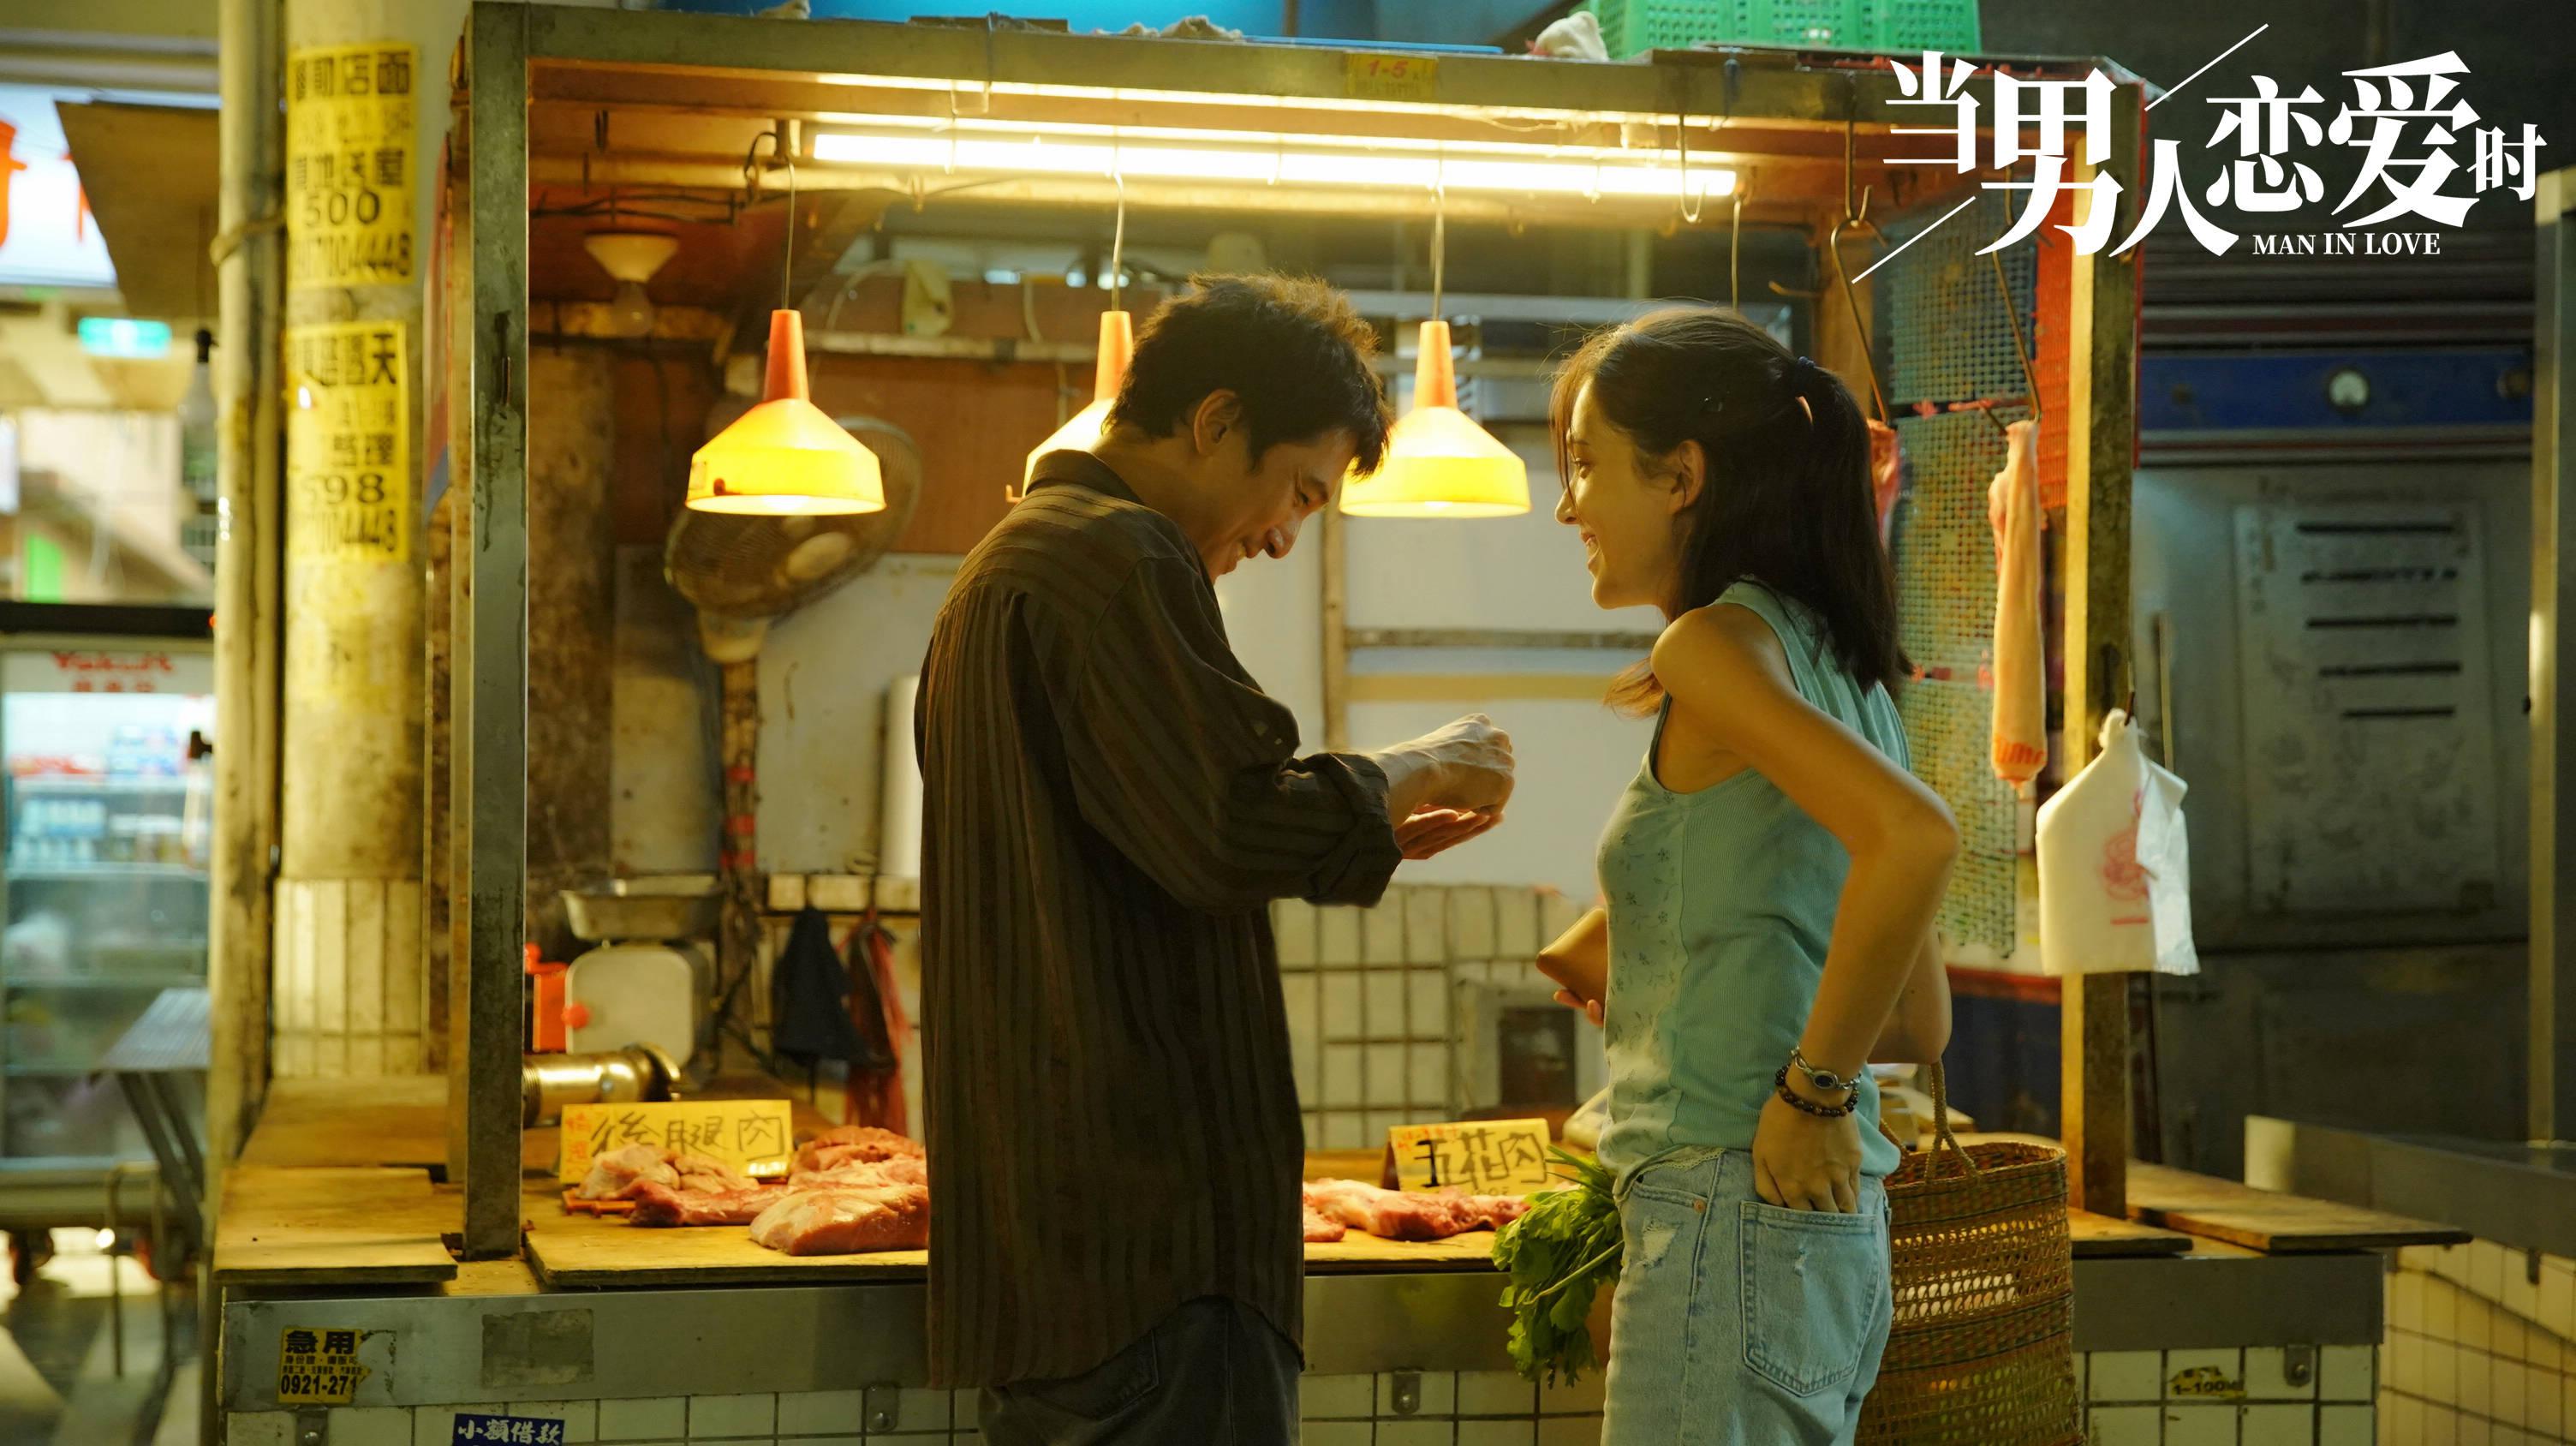 而此次是许玮甯出道以来首次参演恋爱